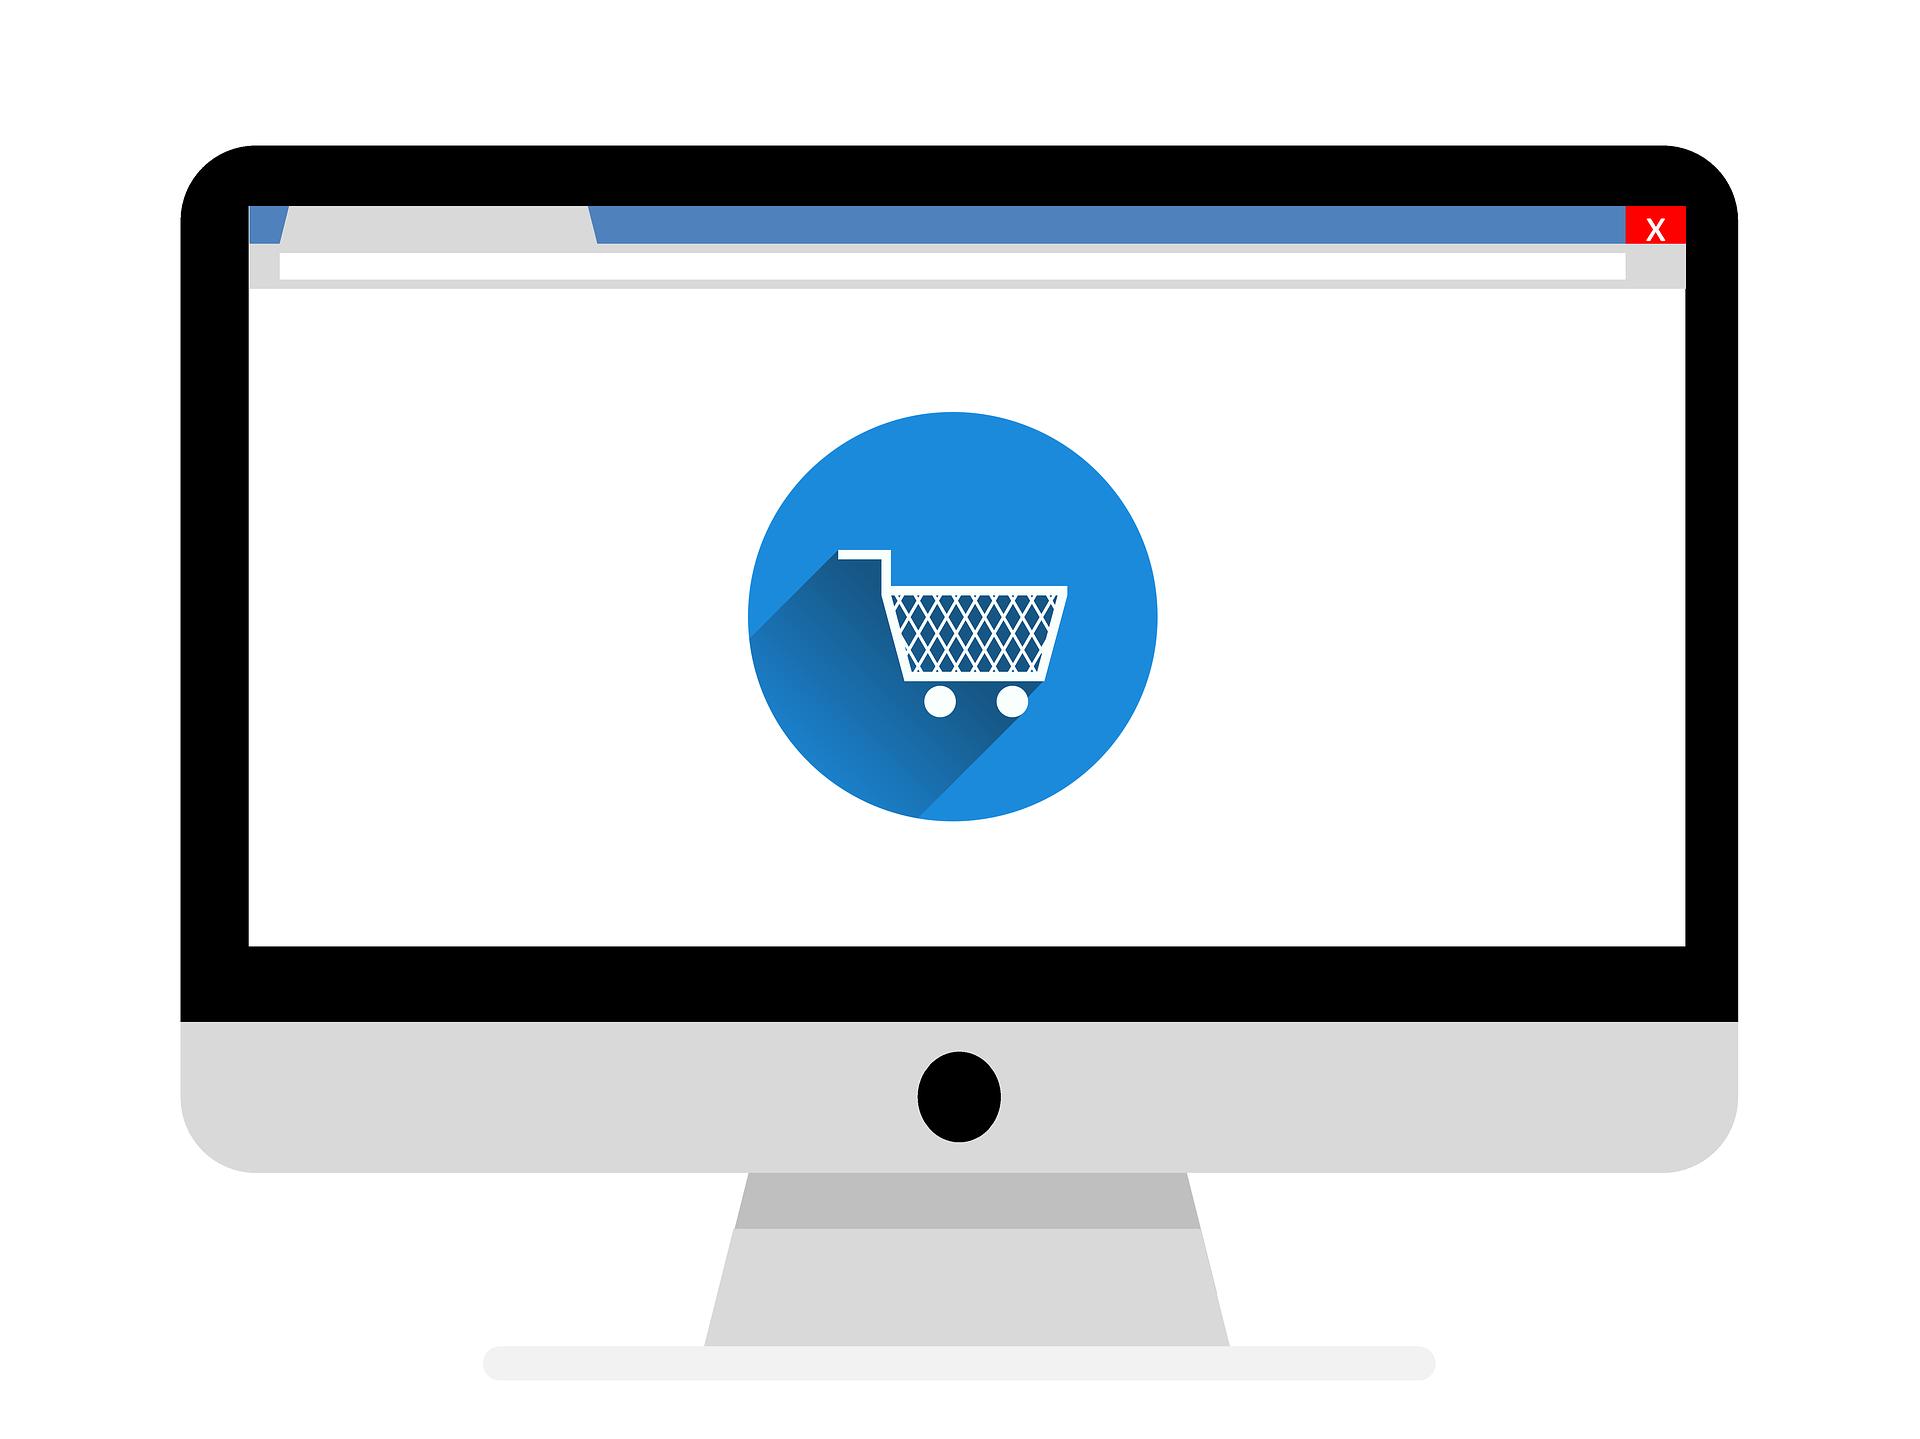 titelbile online shops mit einkaufswagen responsive webdesign ecommerce